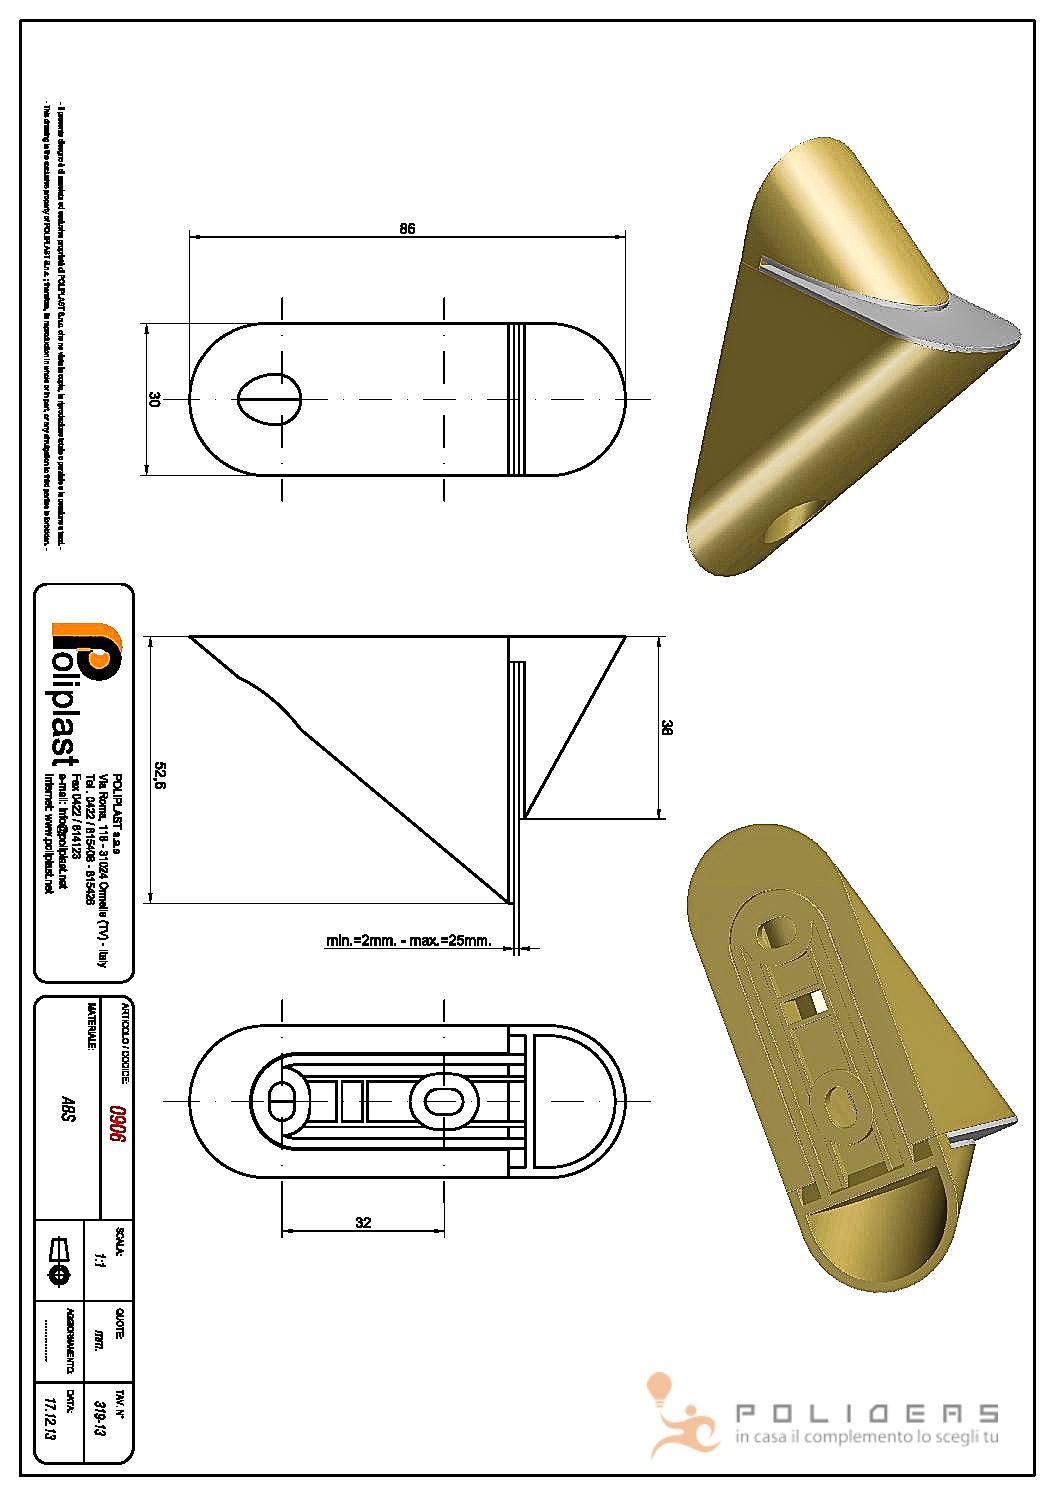 disegno portamensola